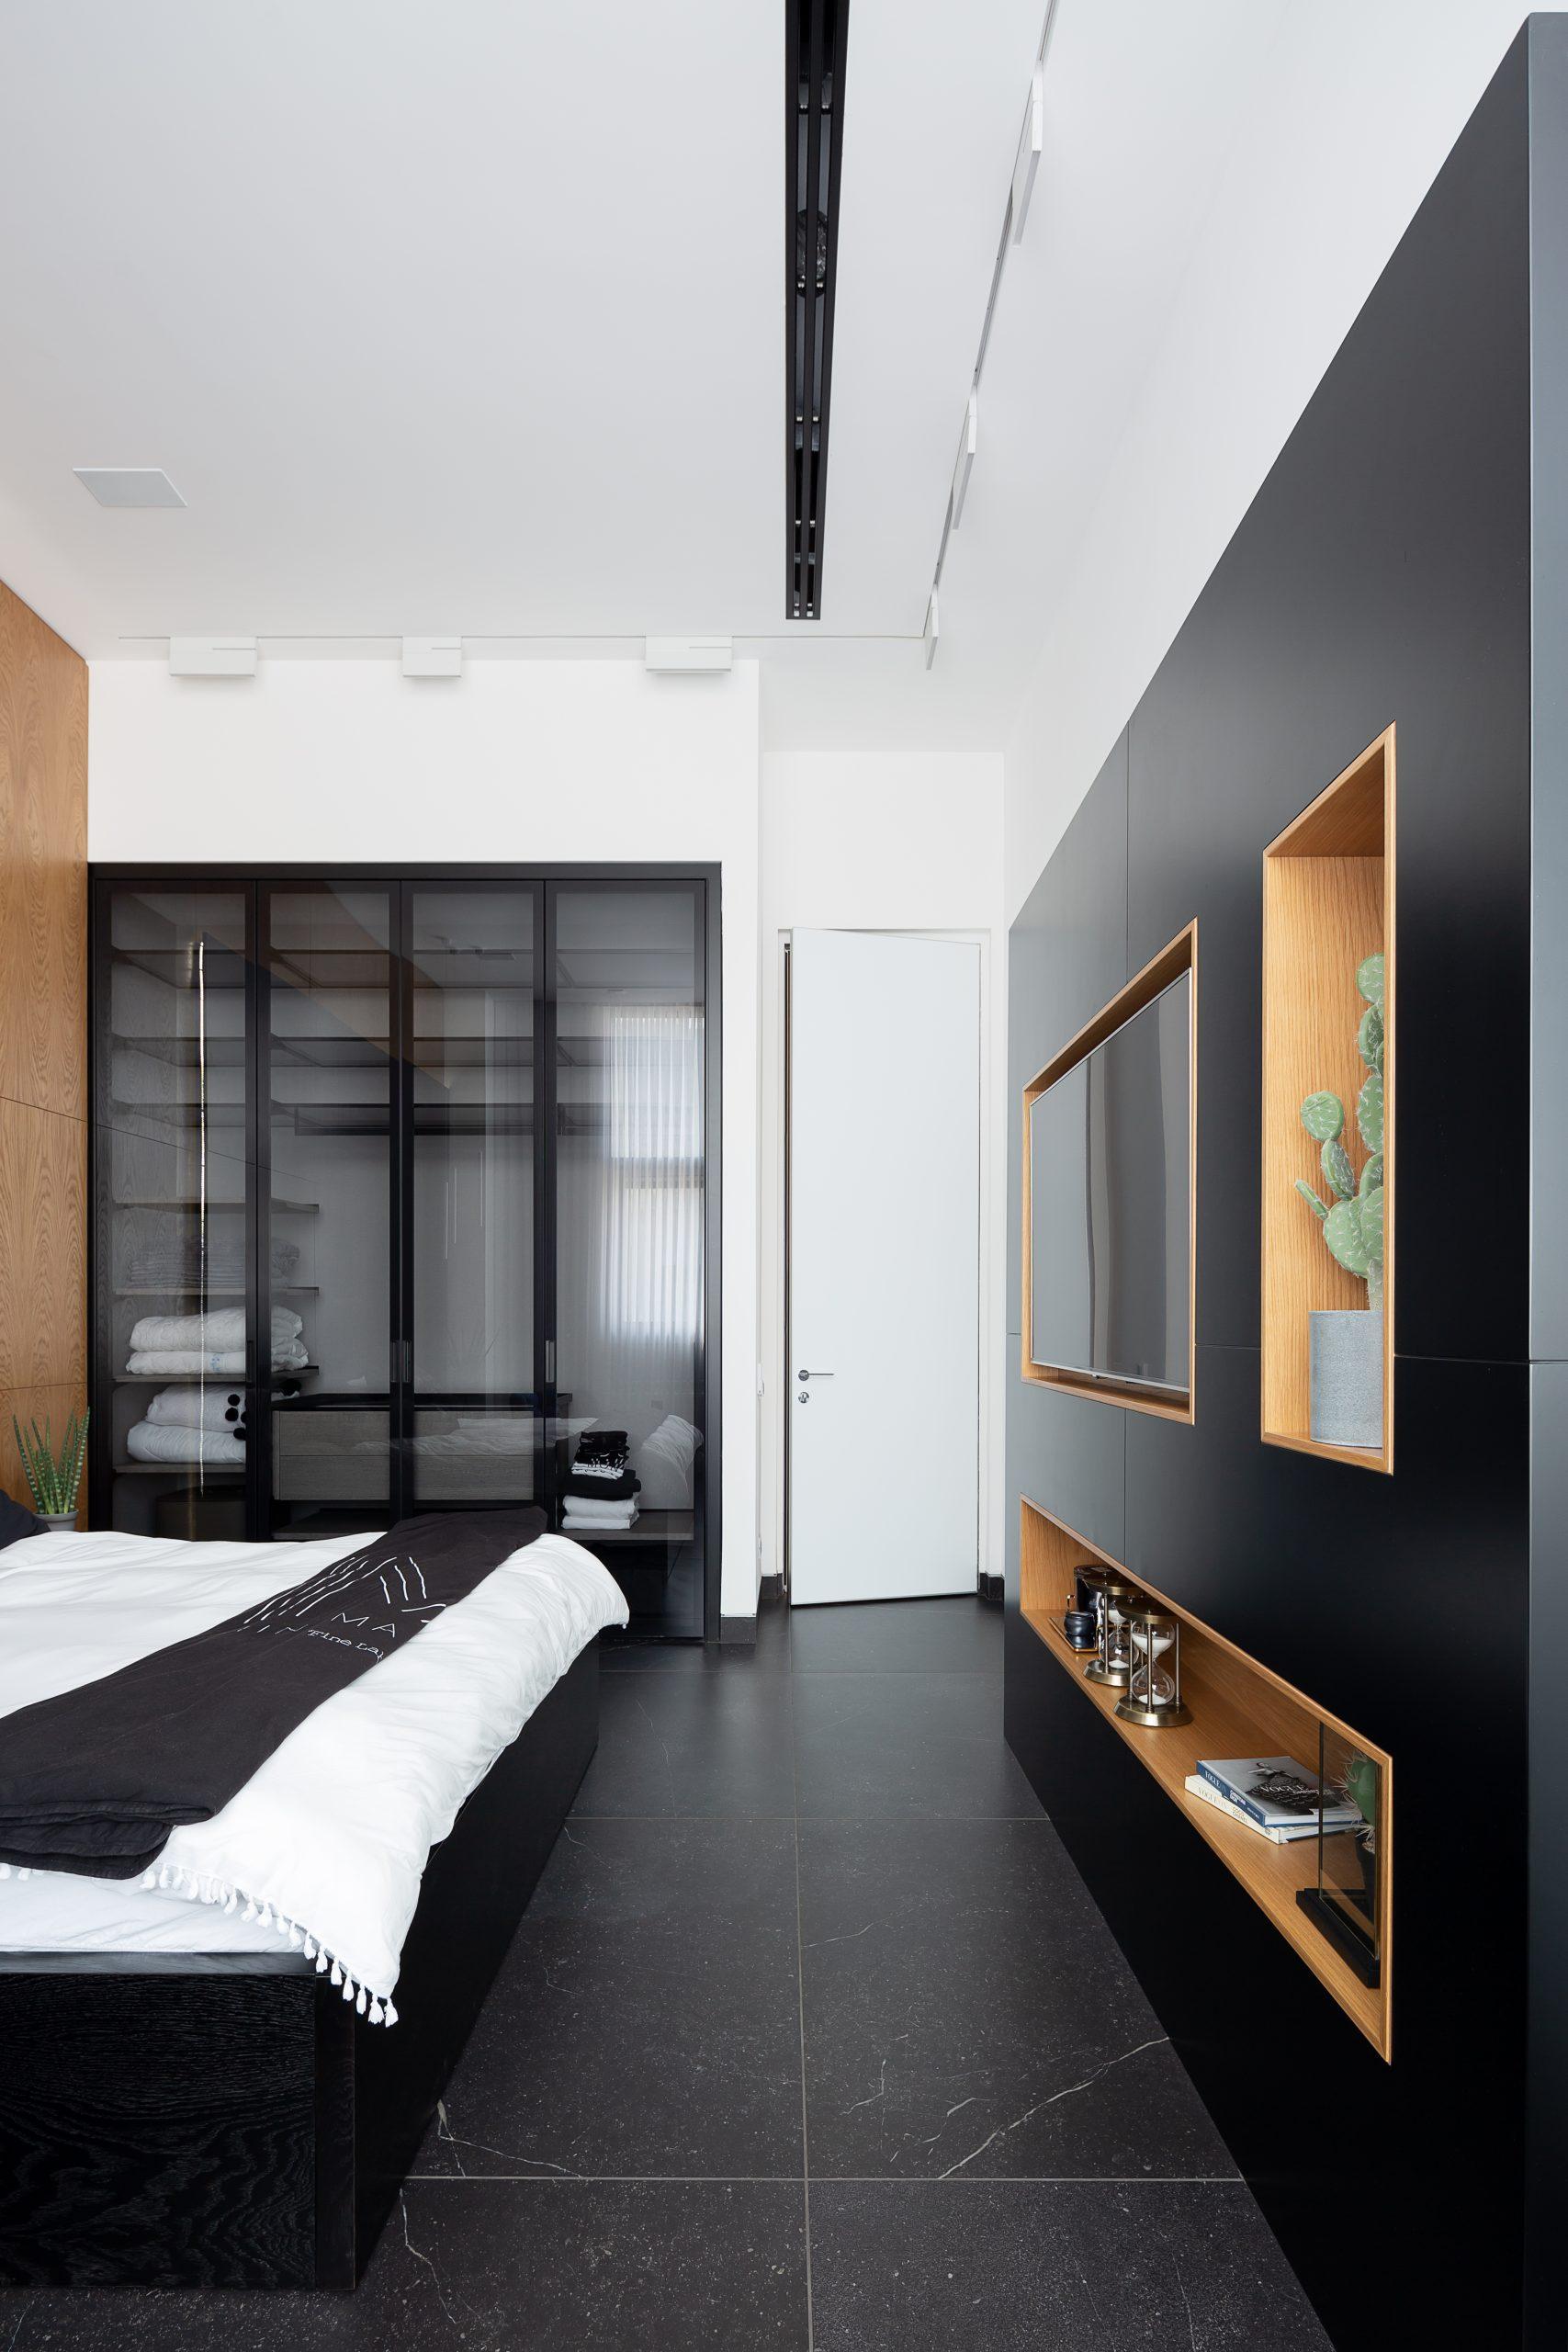 עיצוב אדריכלי ומודרני לבית באשקלון